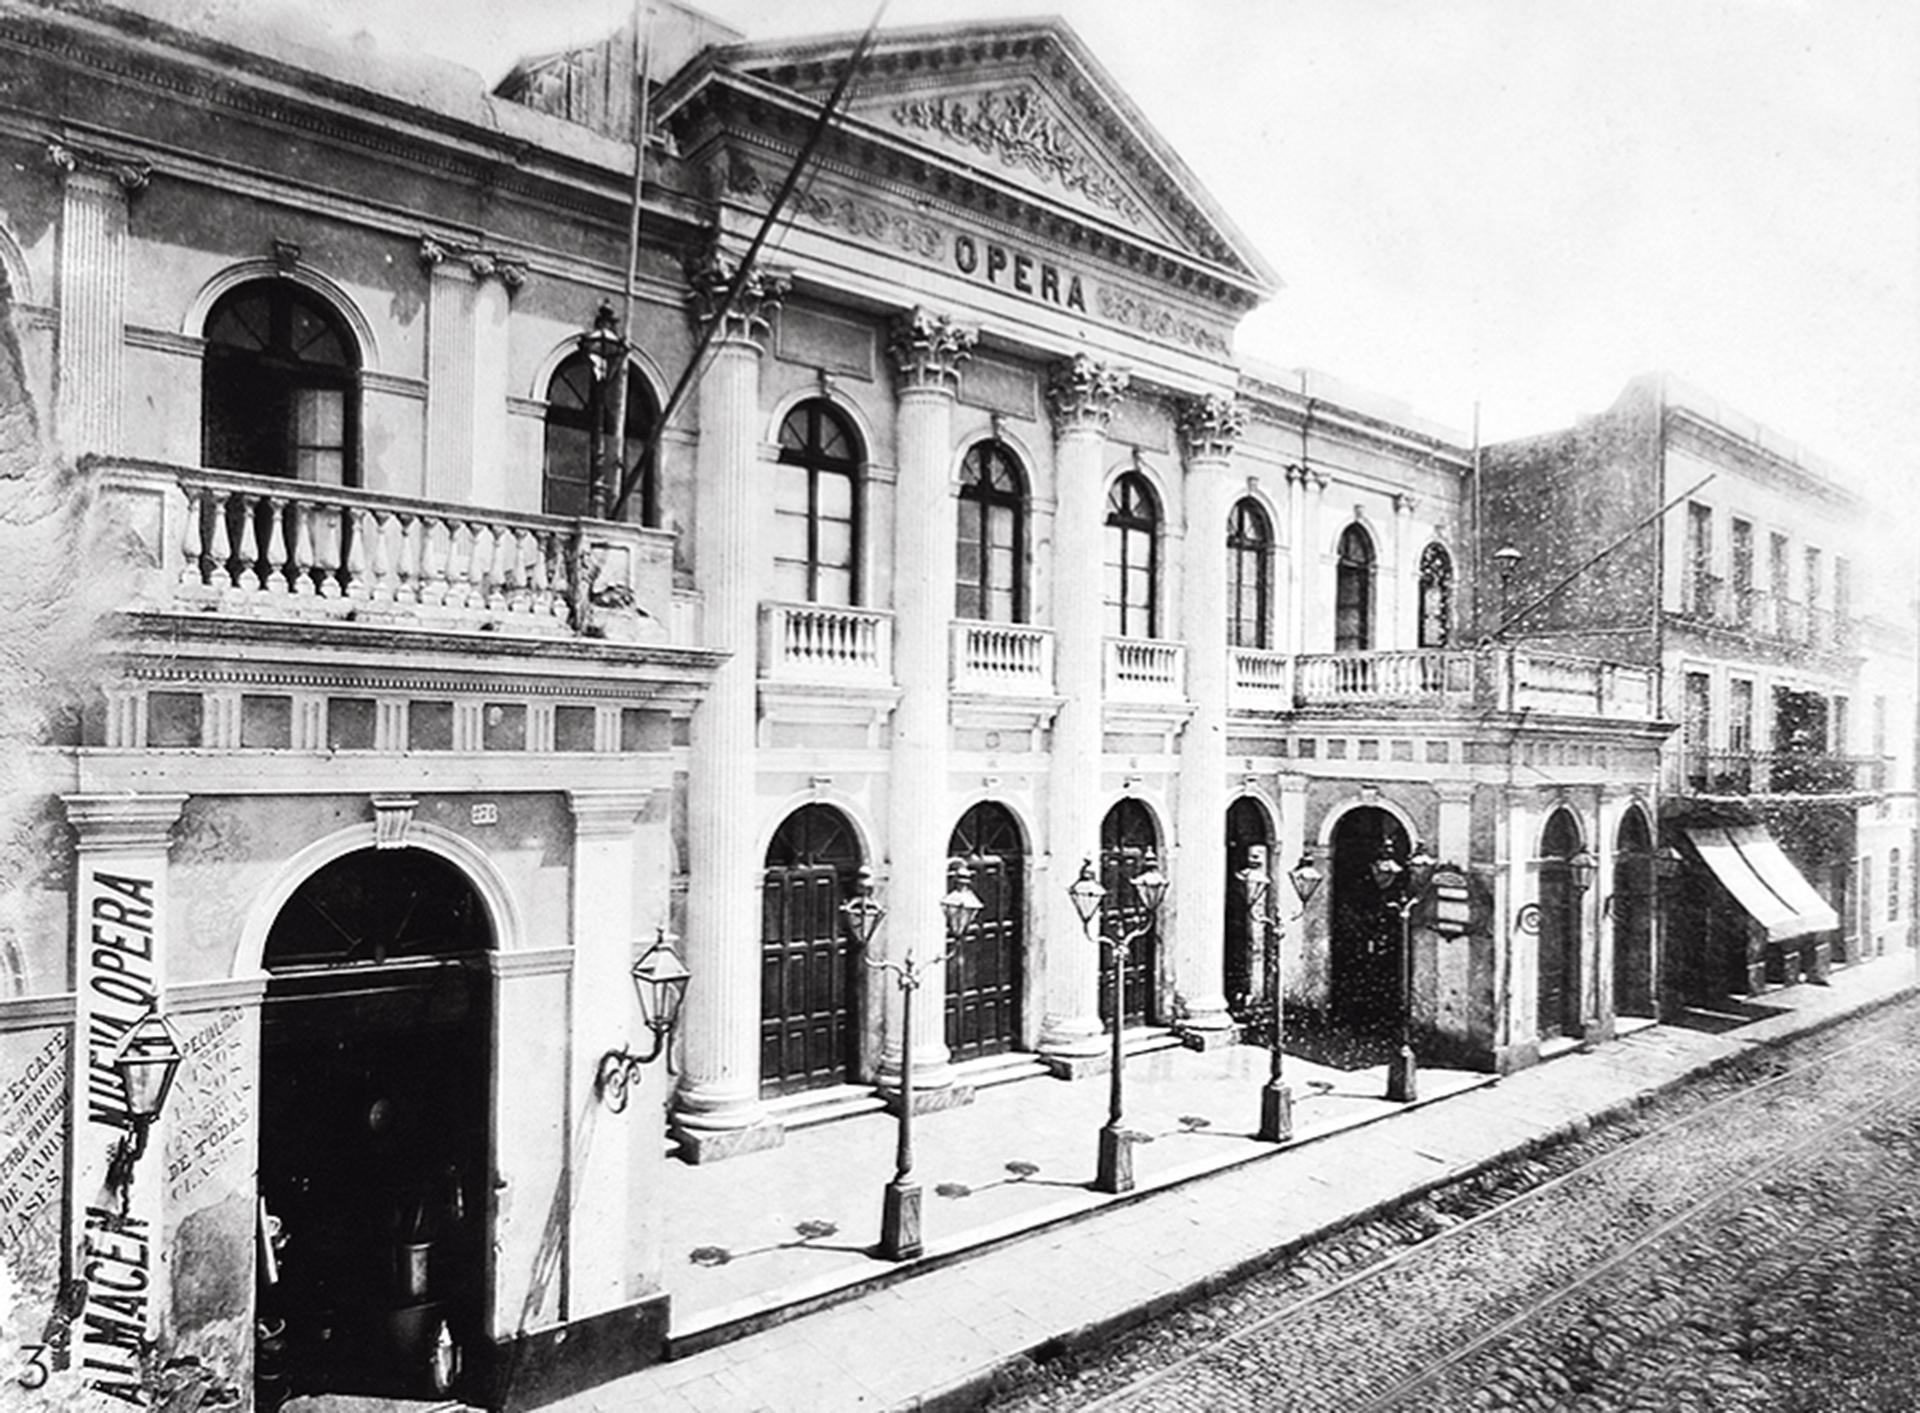 El primer Teatro Ópera, inaugurado en el año 1872 (Archivo General de la Nación)